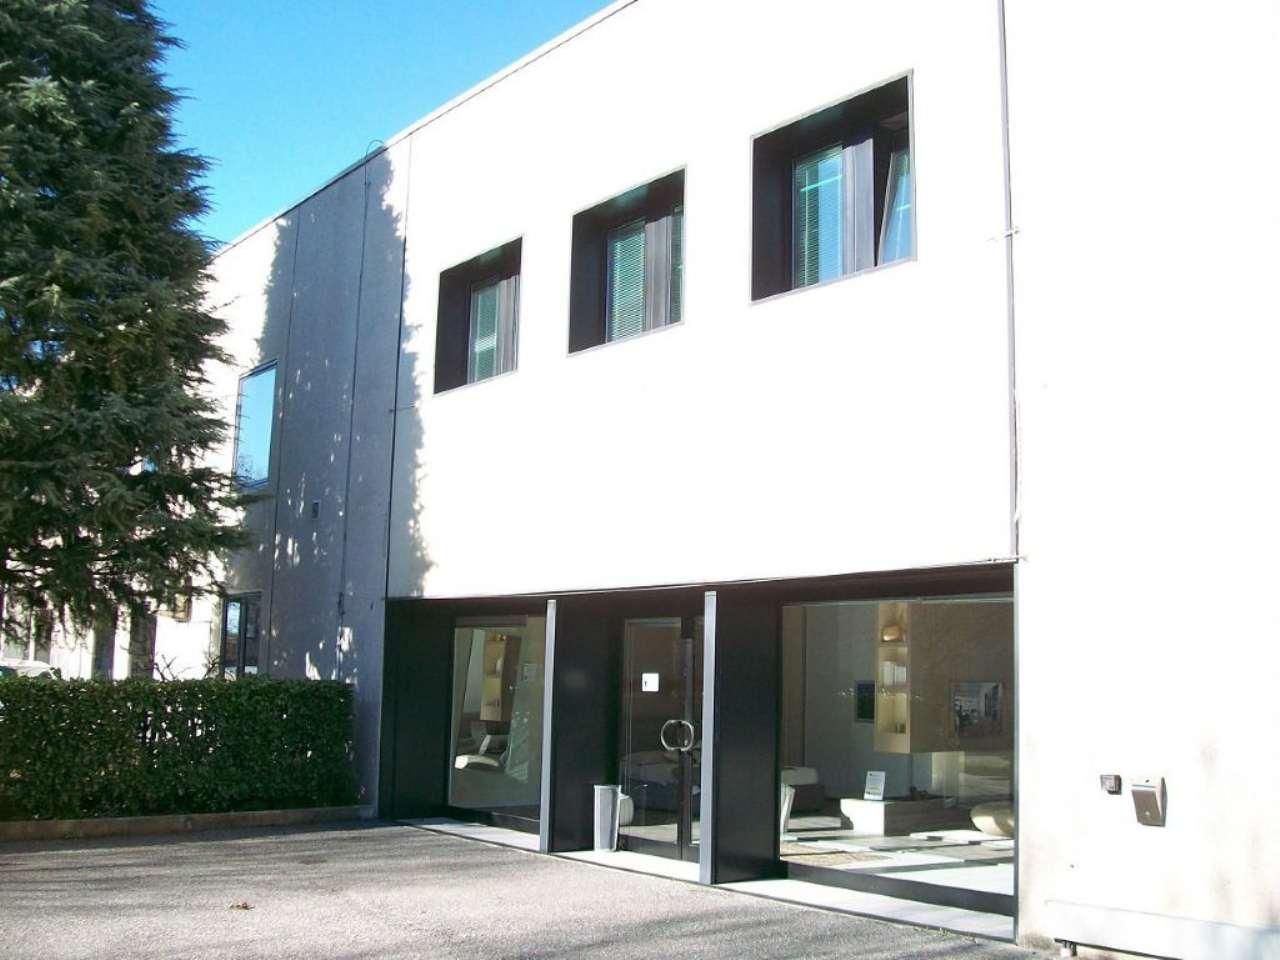 Capannone in vendita a Osio Sotto, 1 locali, prezzo € 820.000 | Cambio Casa.it